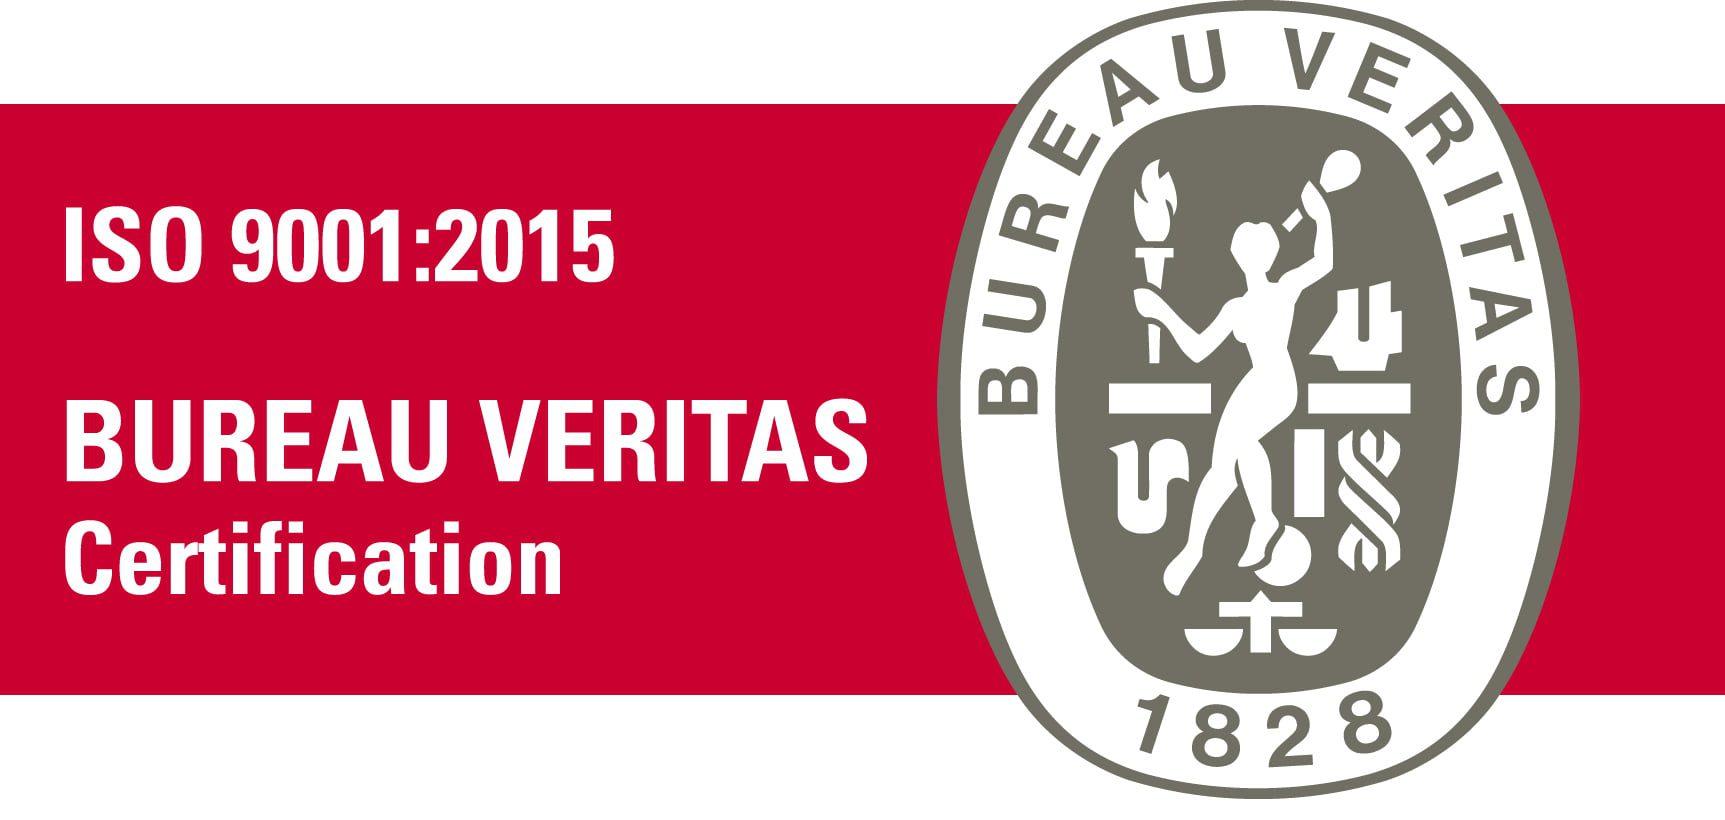 bv certification iso 9001 2021